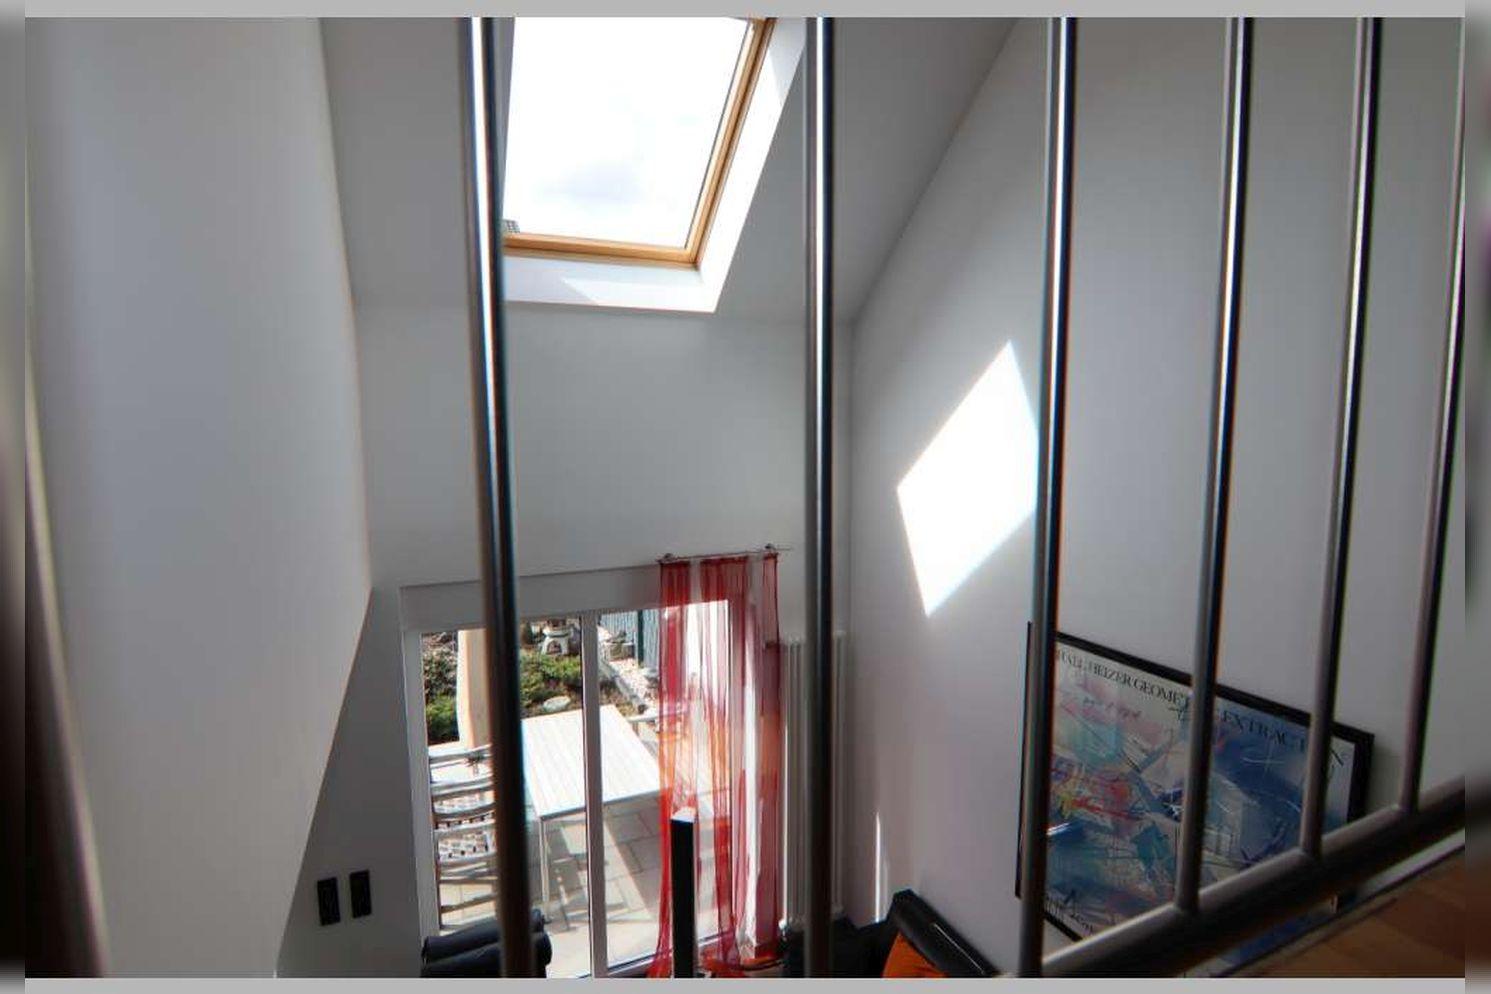 Immobilie Nr.0267 - Doppelhaushälfte mit 4 Zimmern, Küche, Diele, Badzimmer, Gäste-WC, Garten und Garage - nicht unterkellert - Bild 14.jpg